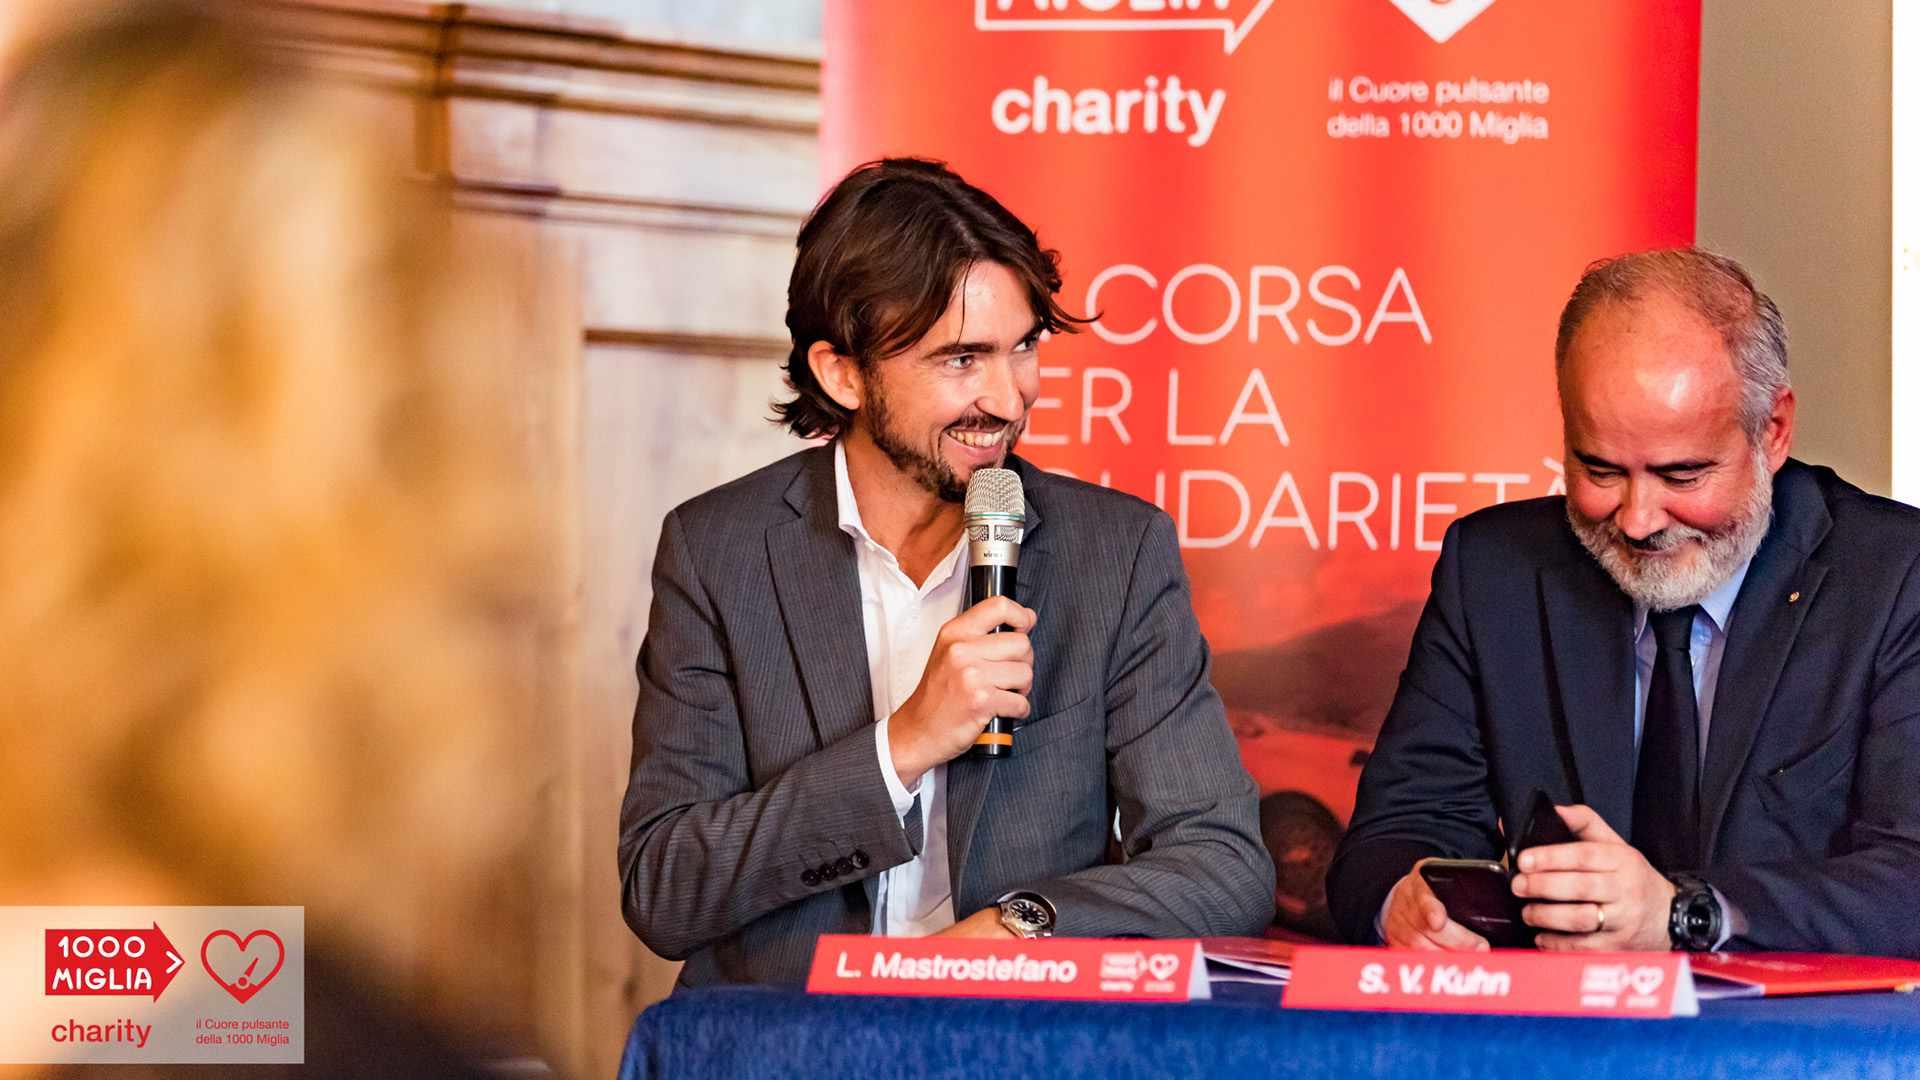 1000 Miglia Charity - Luca Mastrostefano - Gruppo Wise